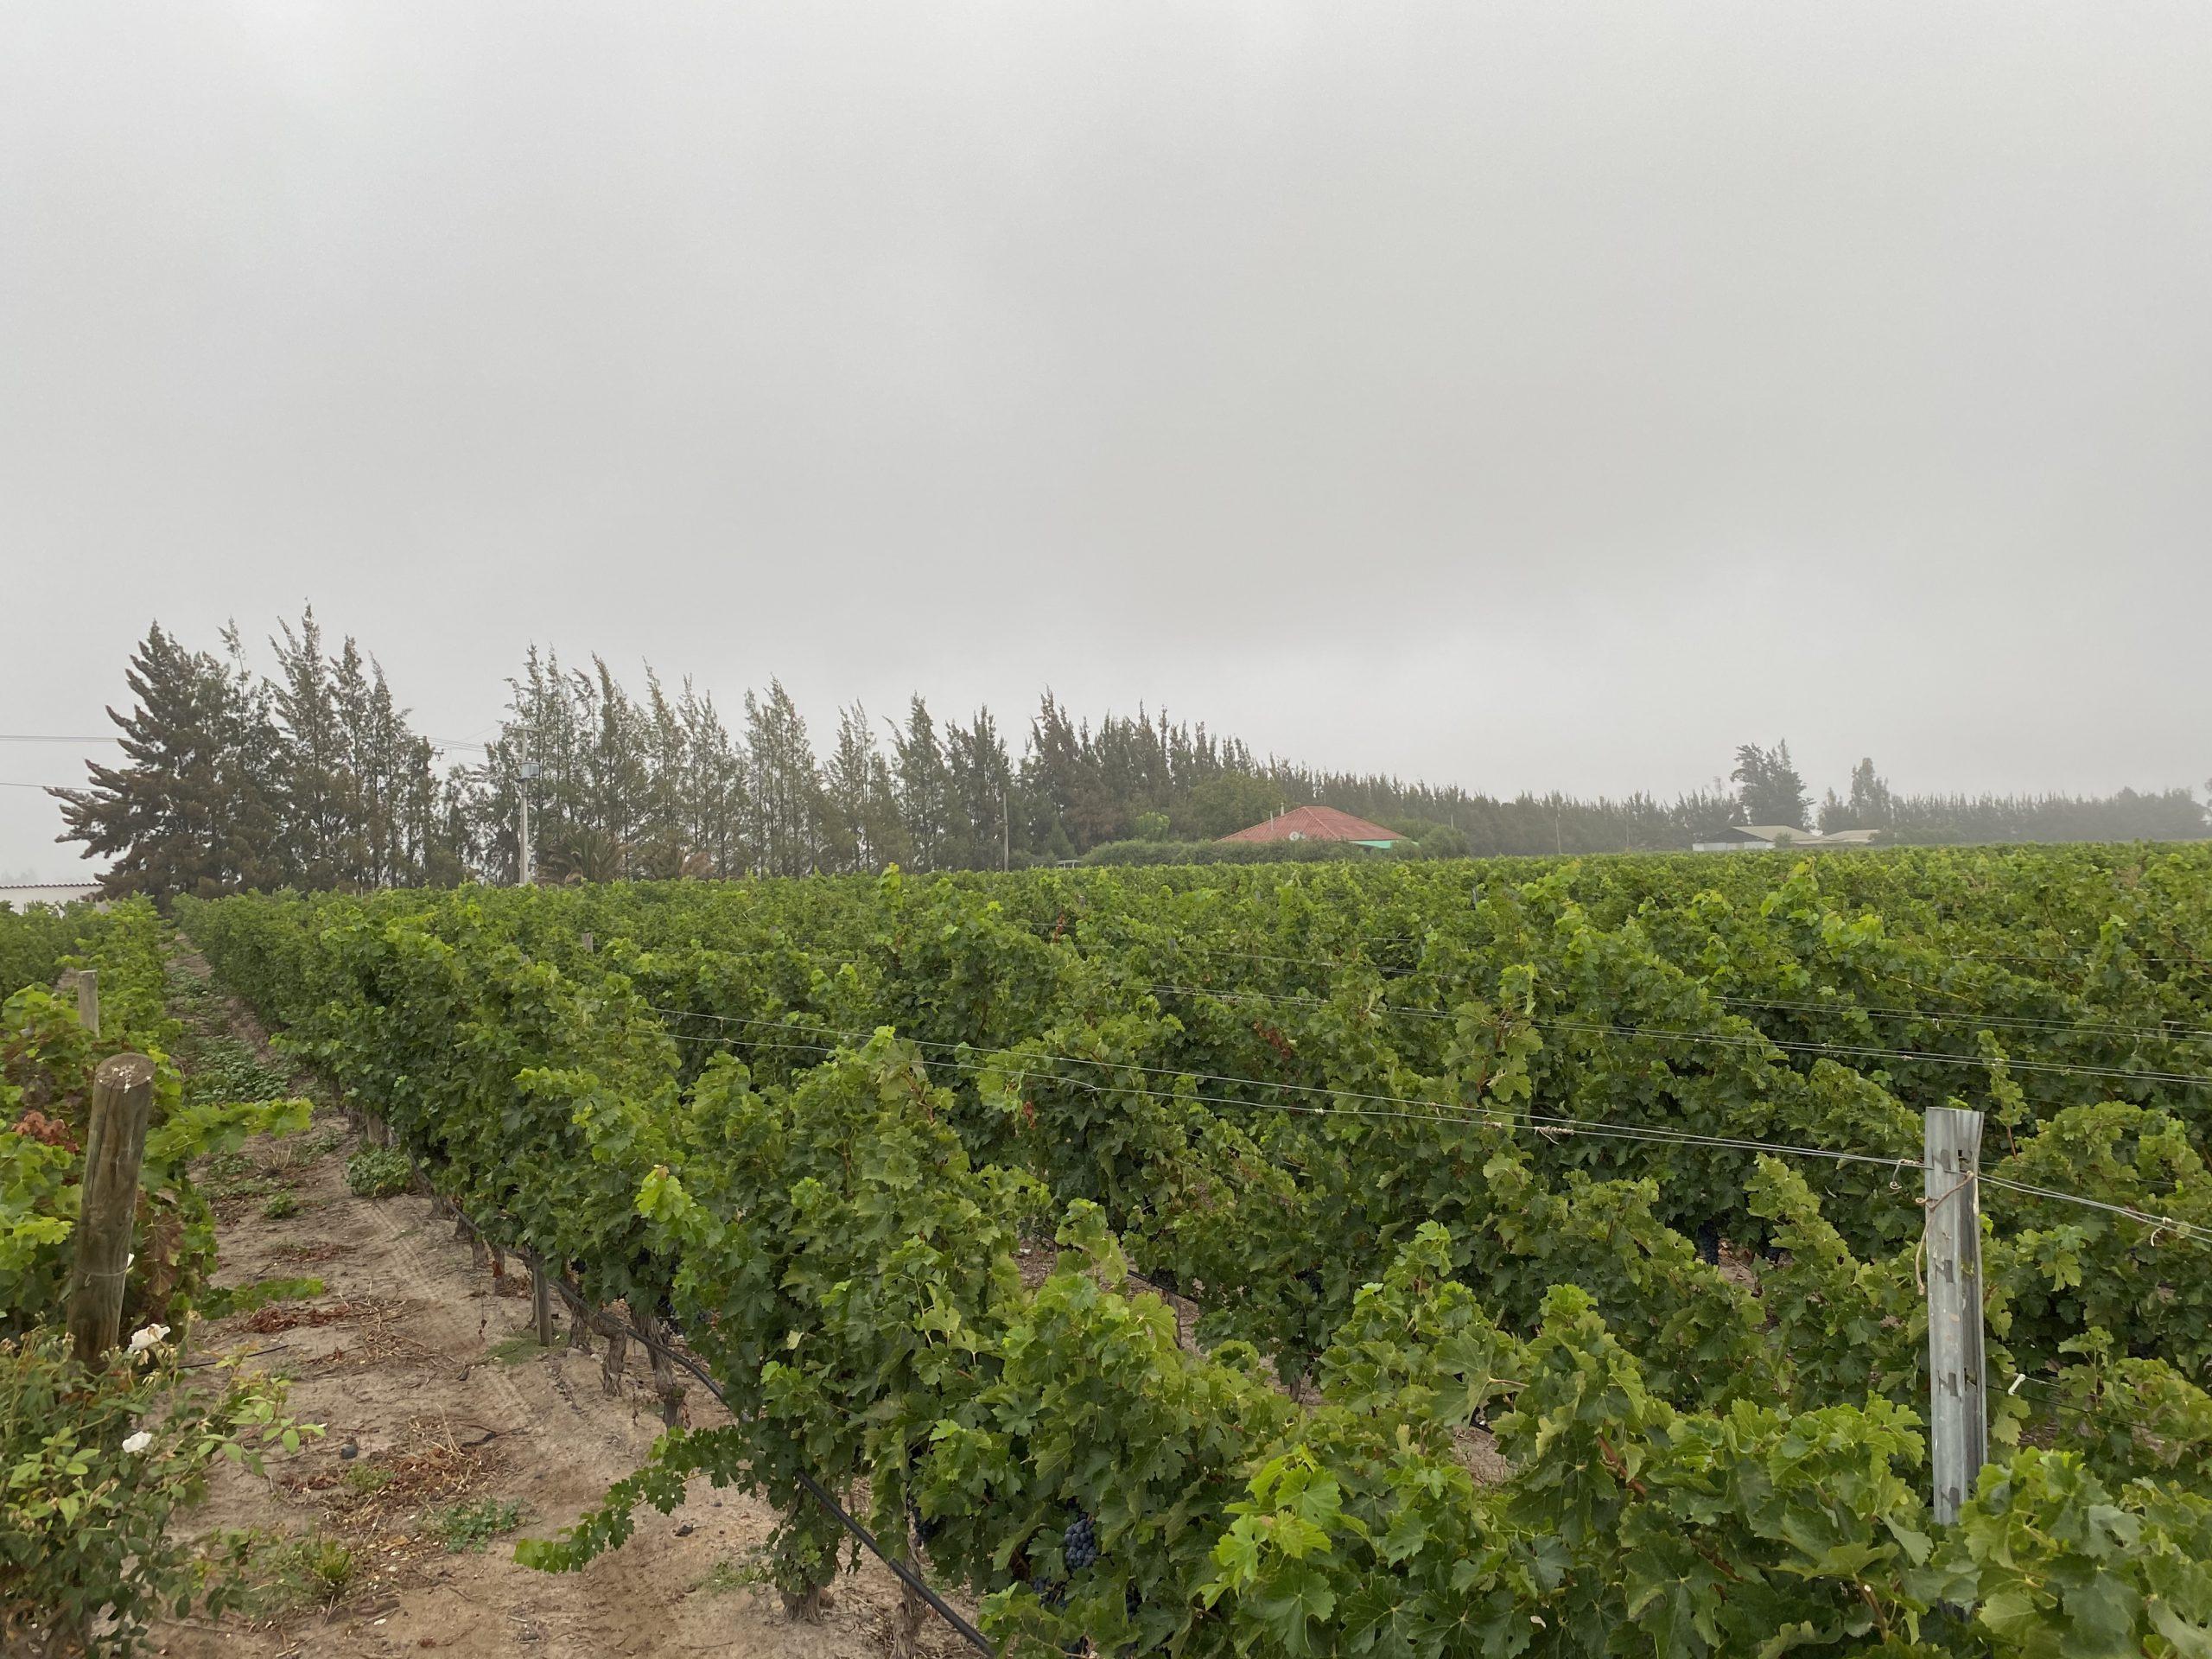 Inesperadas lluvias de verano cayeron en las principales zonas de viñedos de Chile